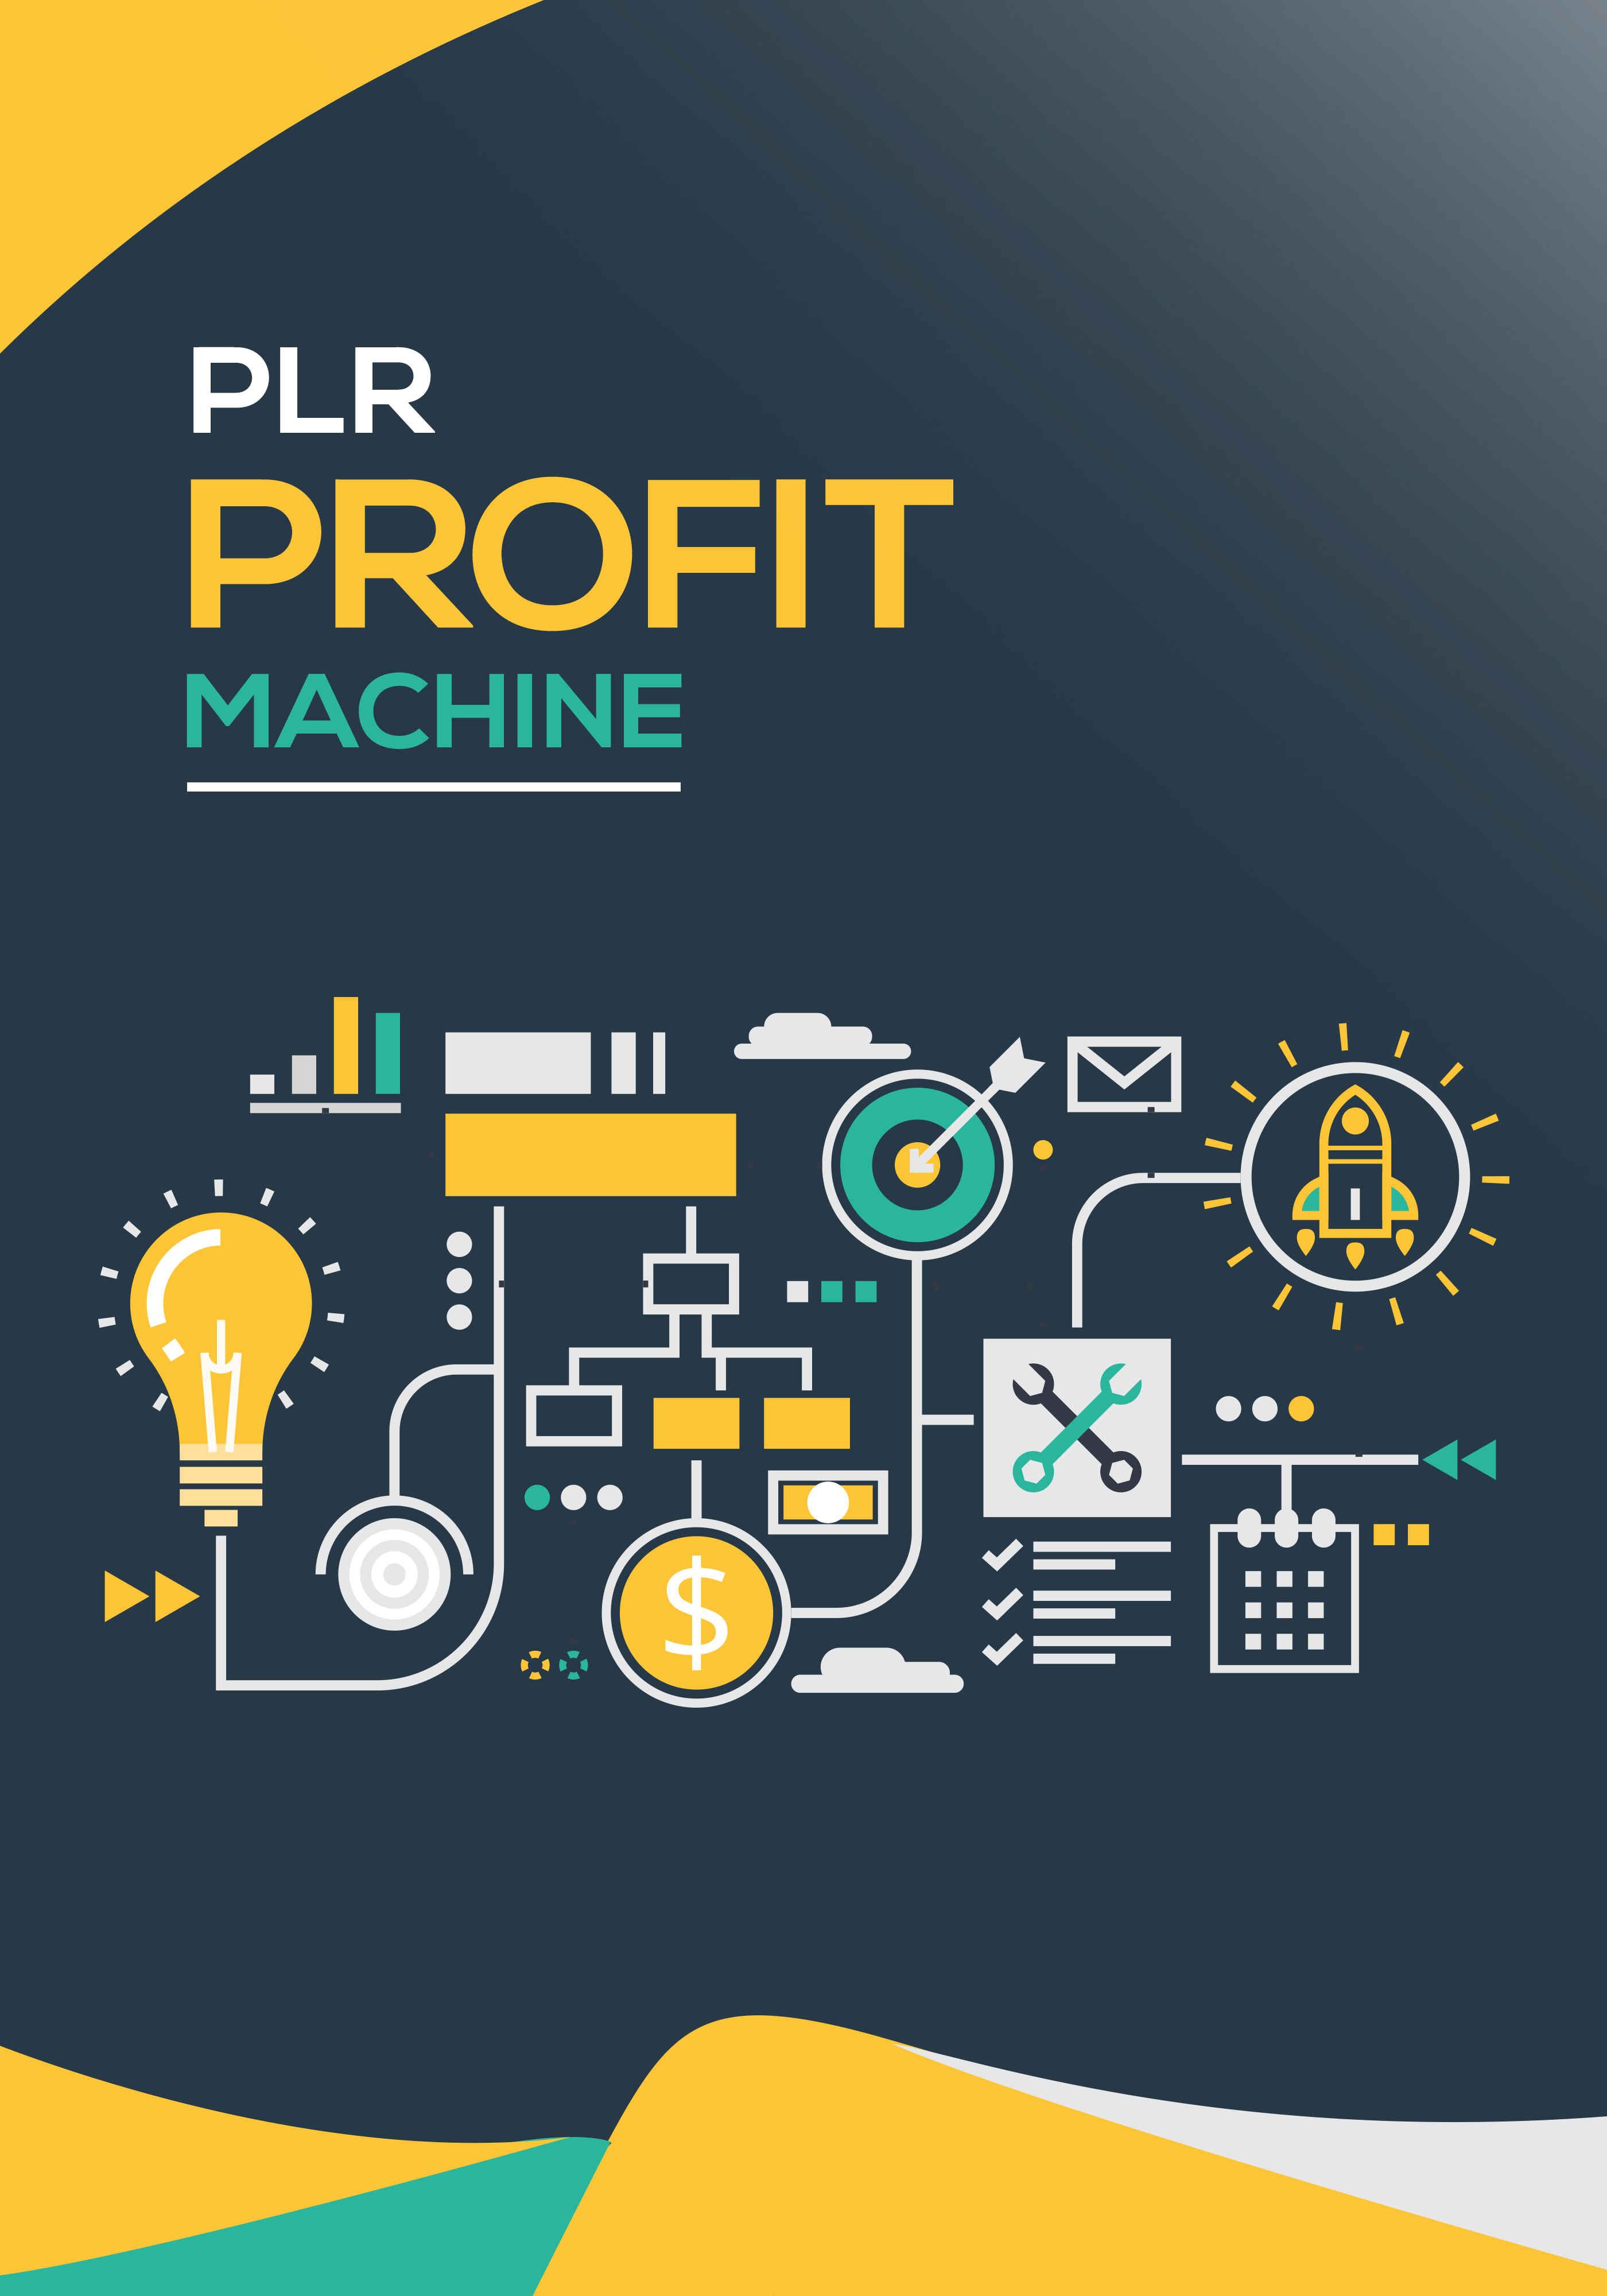 PLR Profit Machine Ebook's Ebook Image